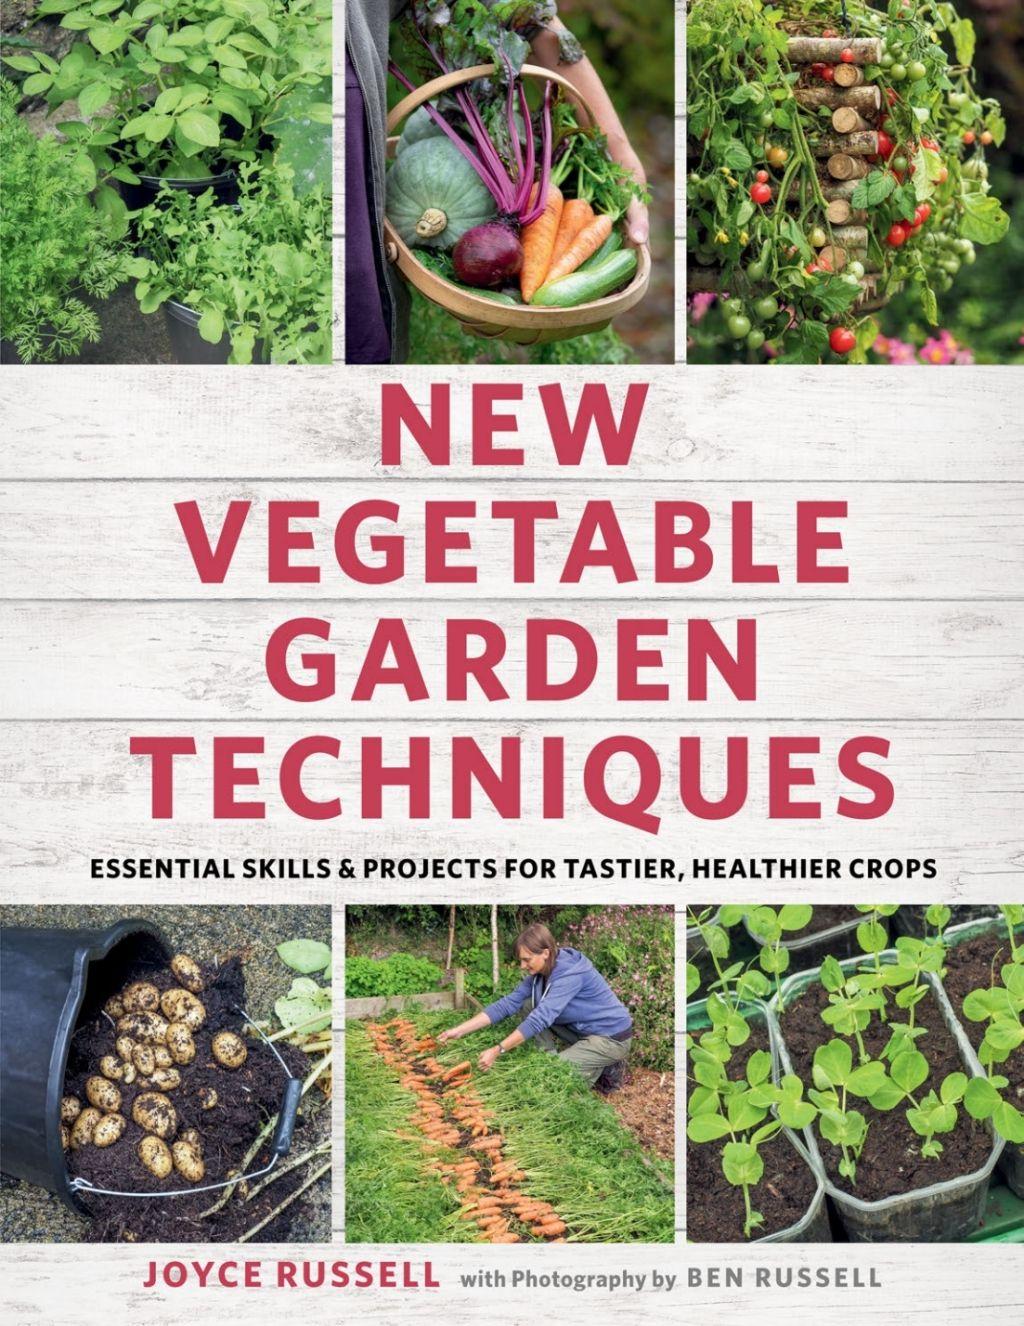 New Vegetable Garden Techniques Ebook In 2019 400 x 300